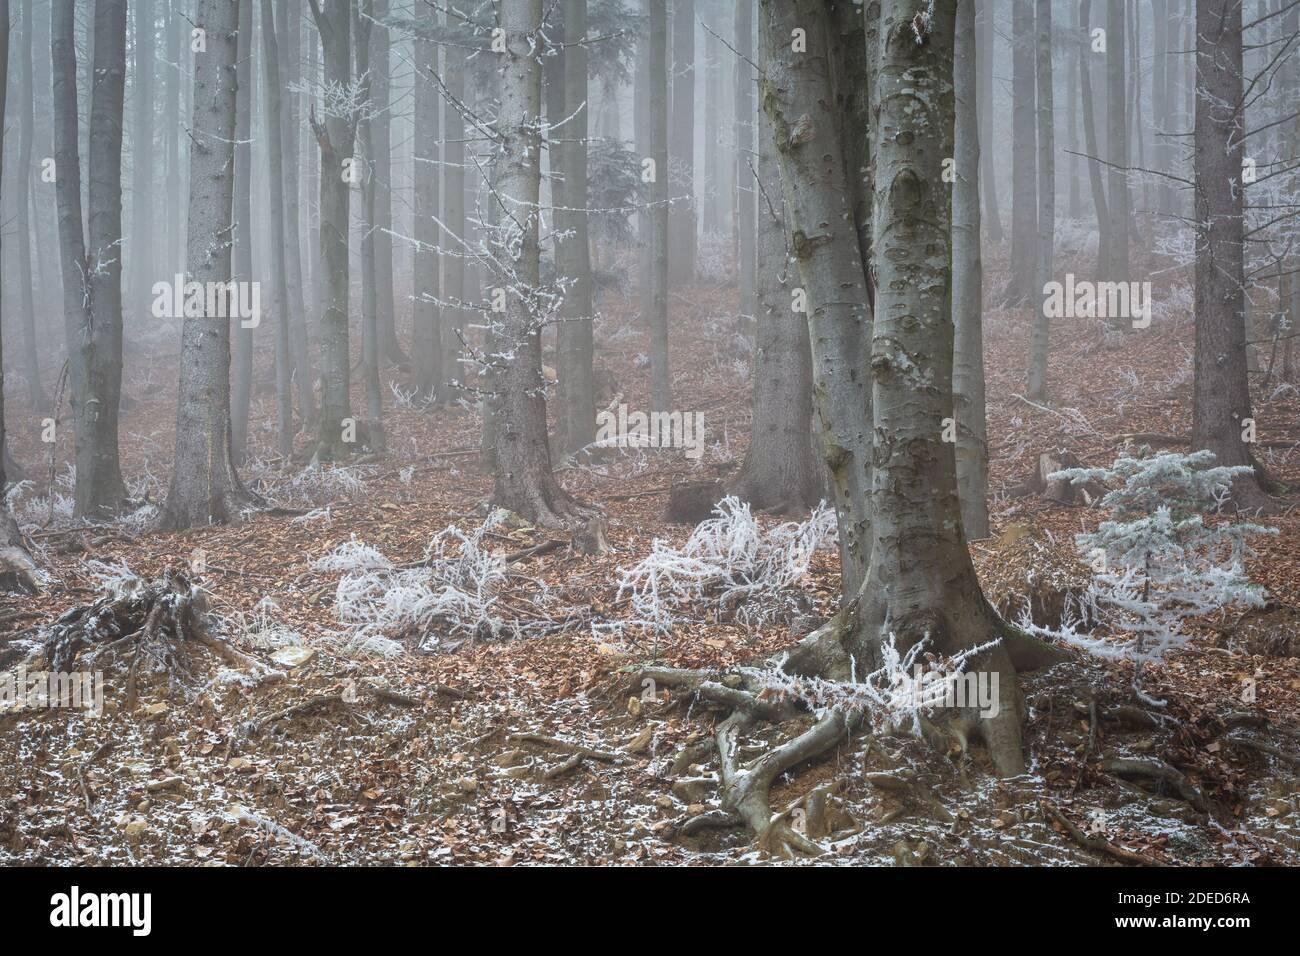 Mischwald in Mala Fatra Nationalpark an einem nebligen Wintermorgen, Slowakei. Stockfoto